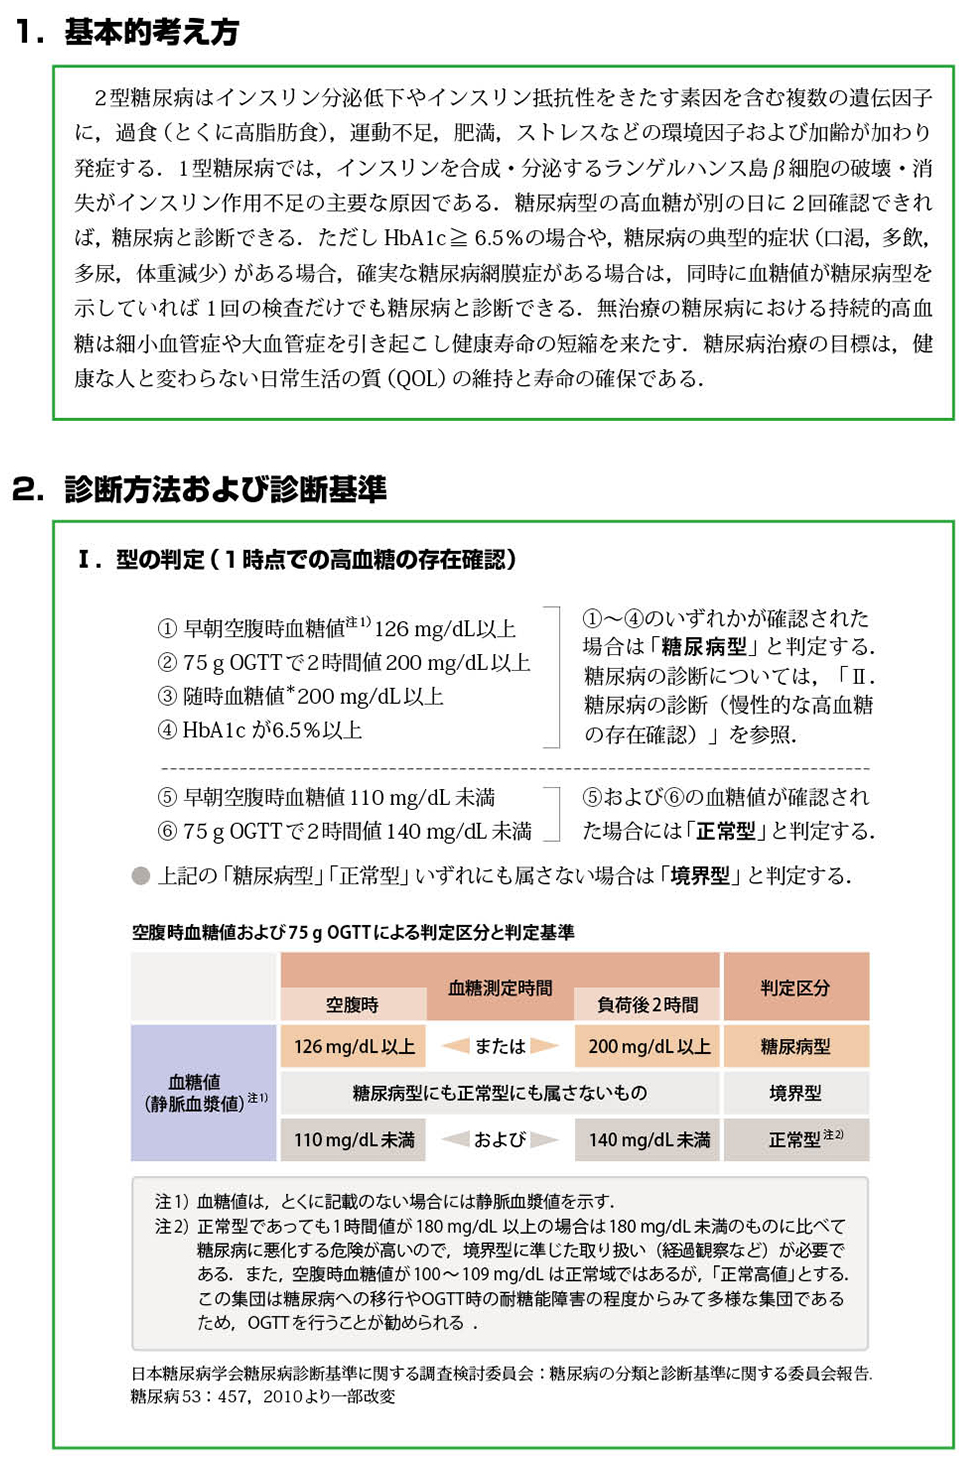 糖尿病治療ガイド2014-2015(抜粋)[1]